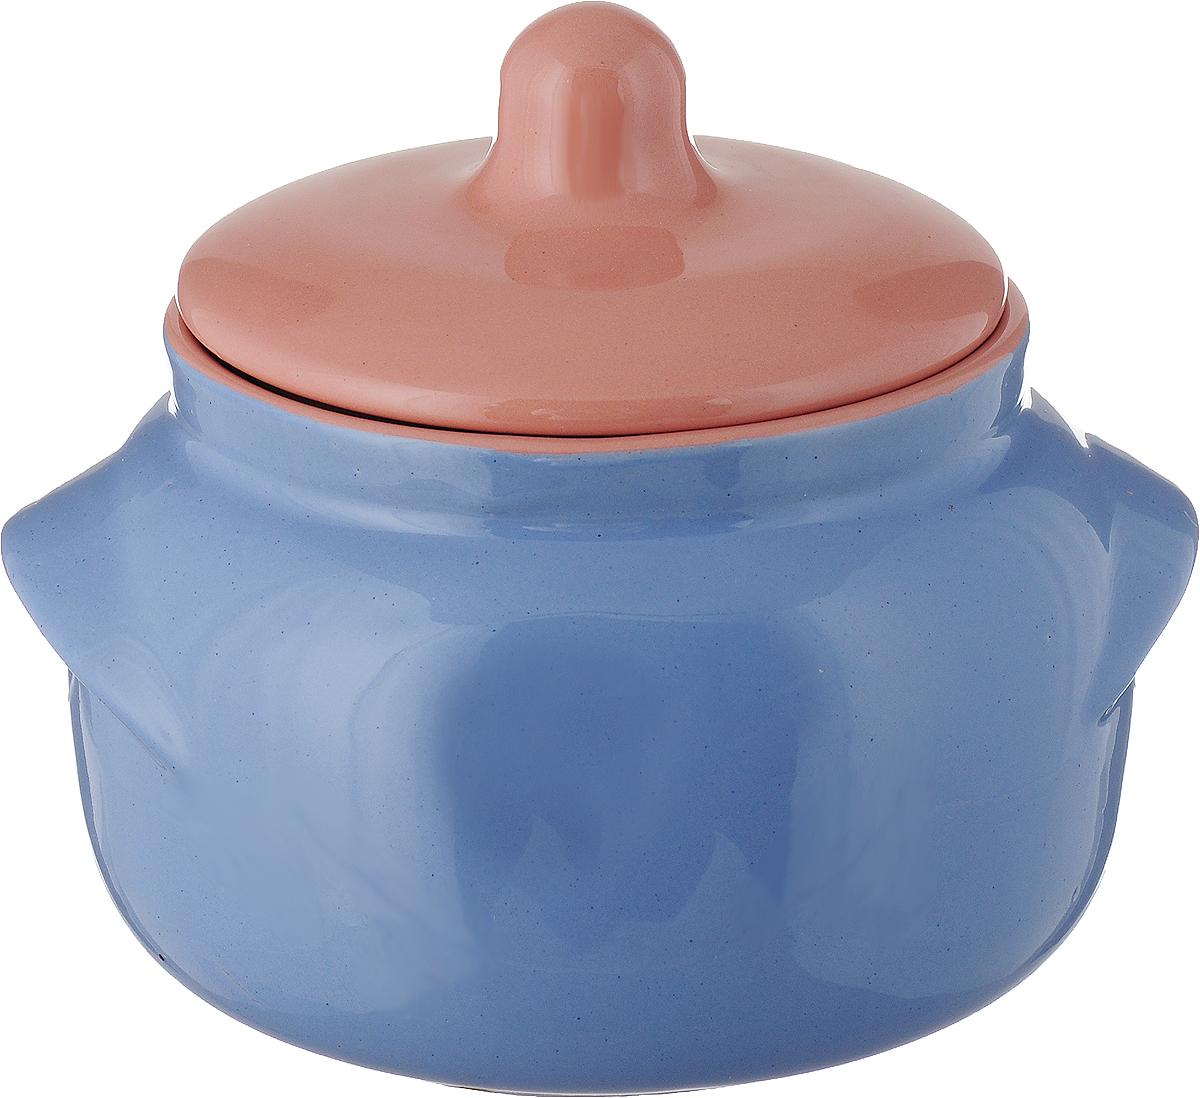 Горшочек для запекания Борисовская керамика Новарусса, цвет: голубой, розовый, 500 мл детский горшочек кресло pilsan bobo цвет голубой 07 505